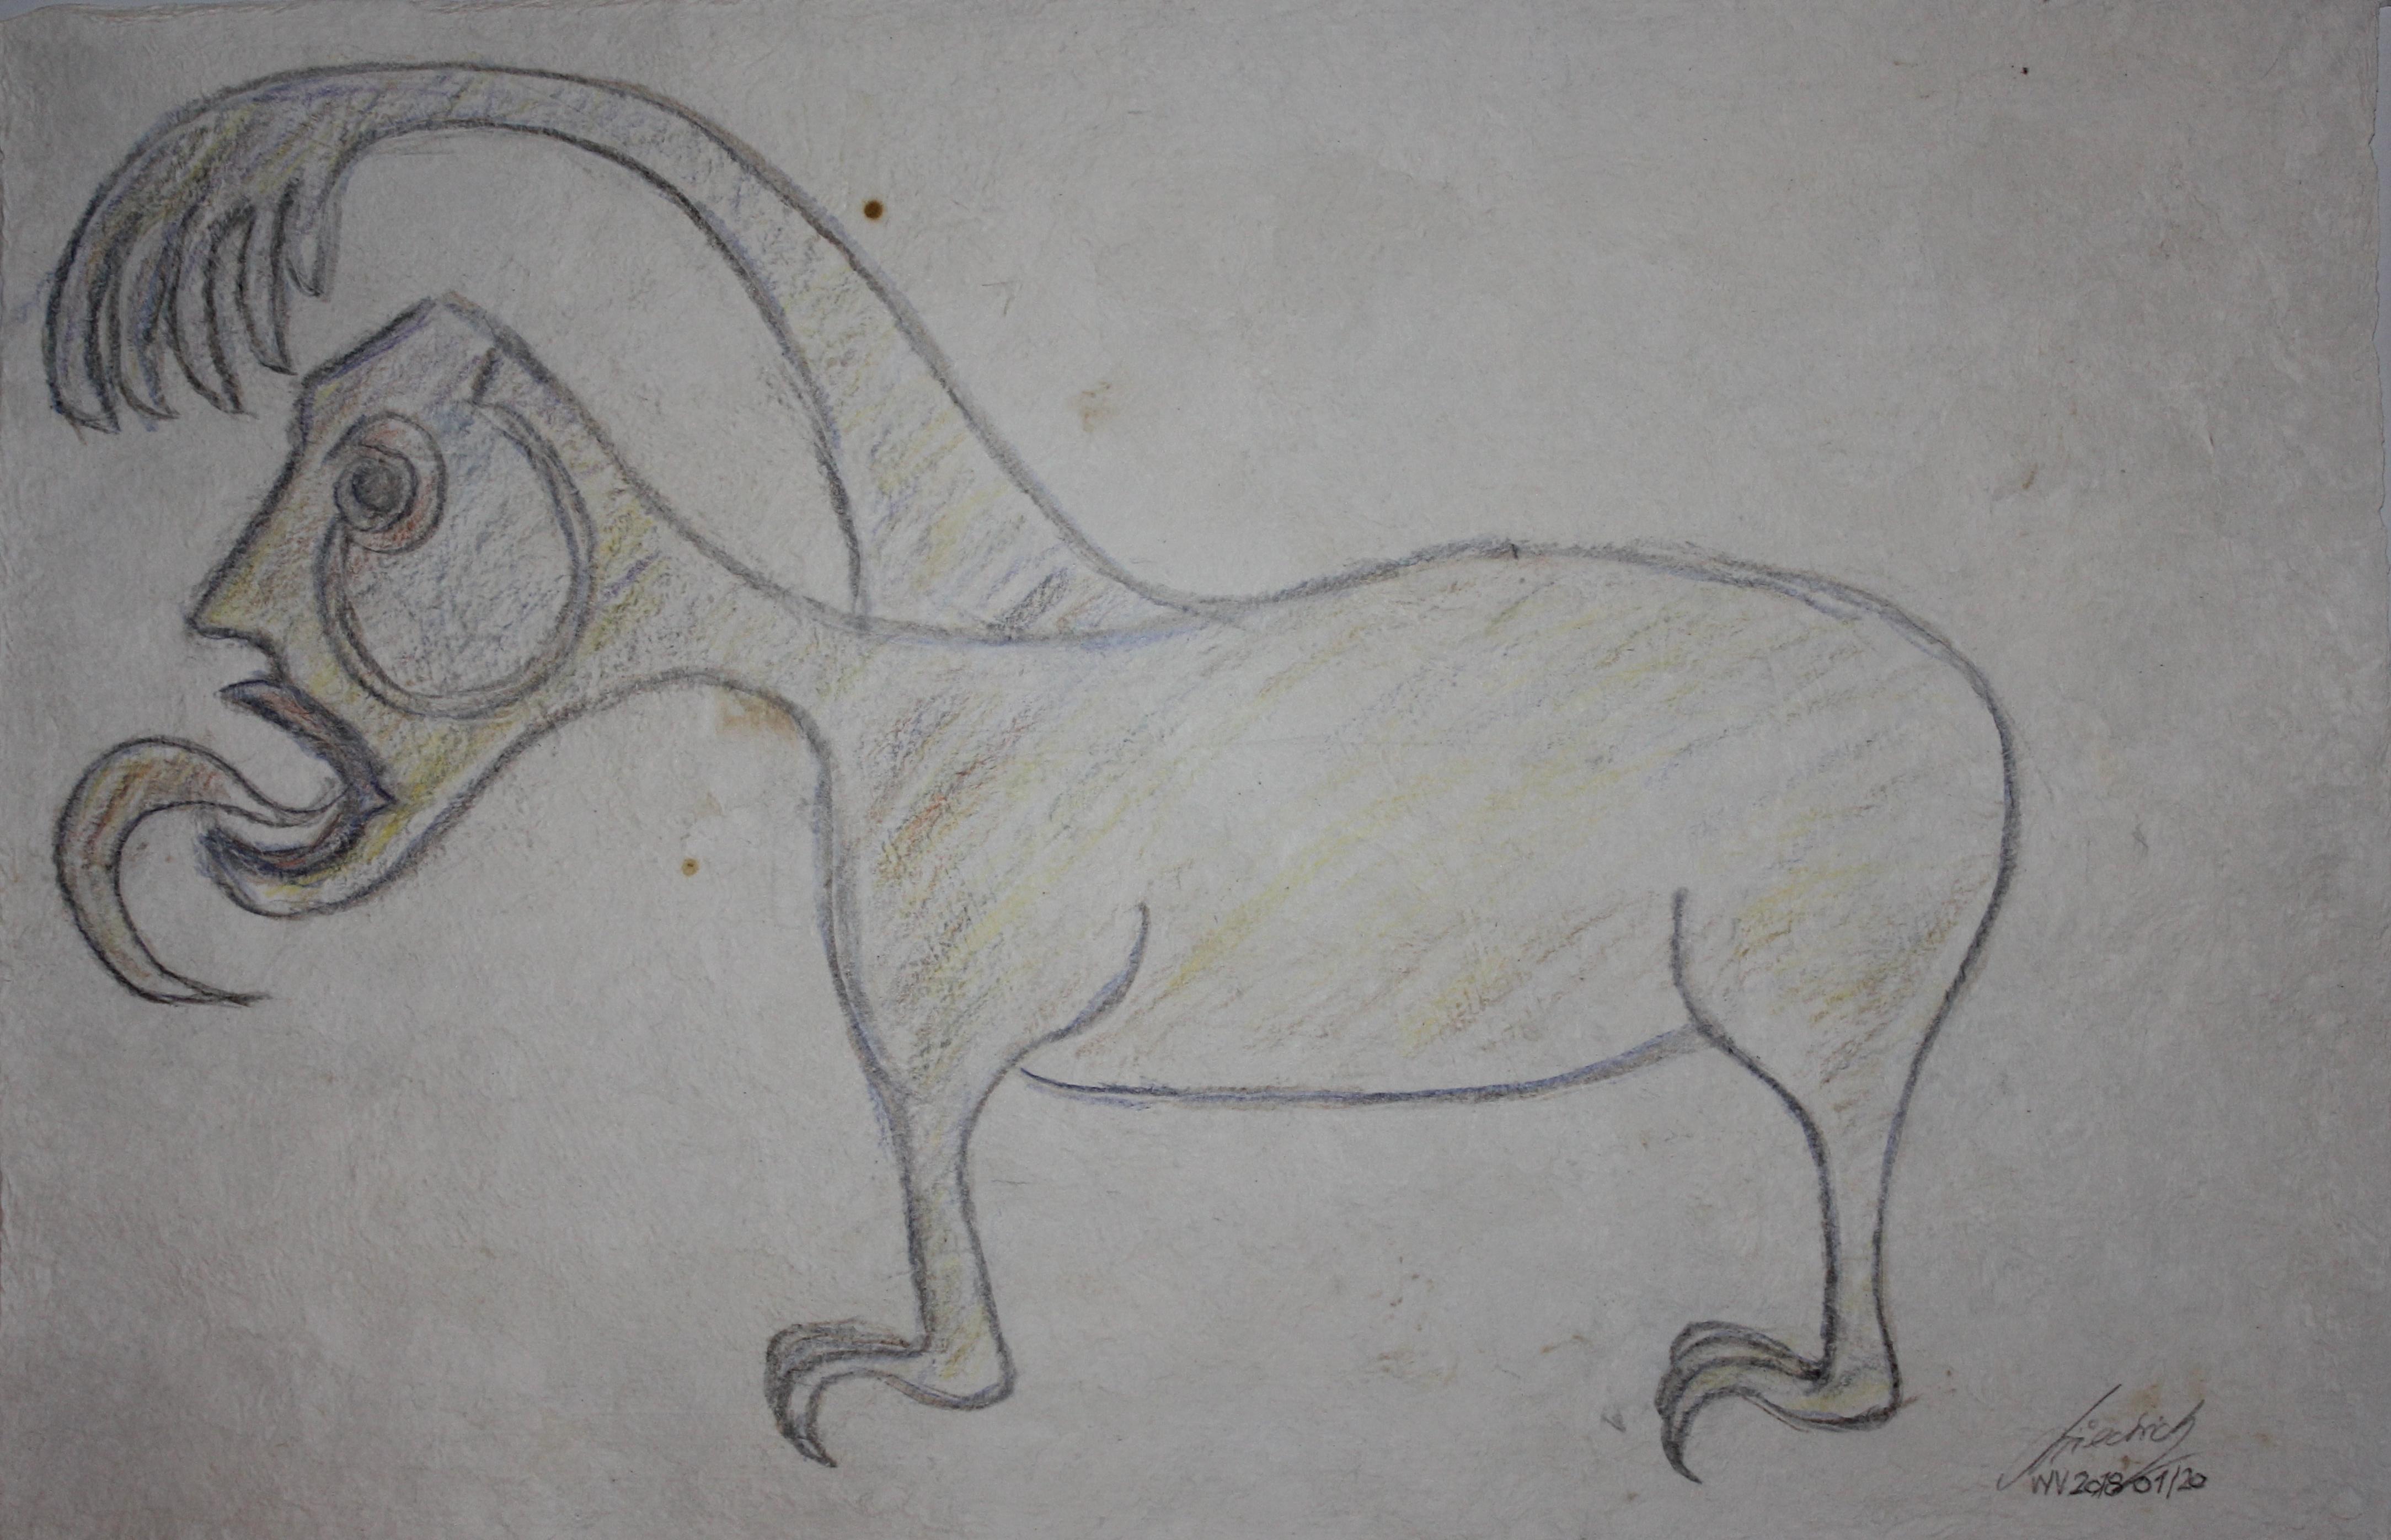 Götterdämmerung Sketch